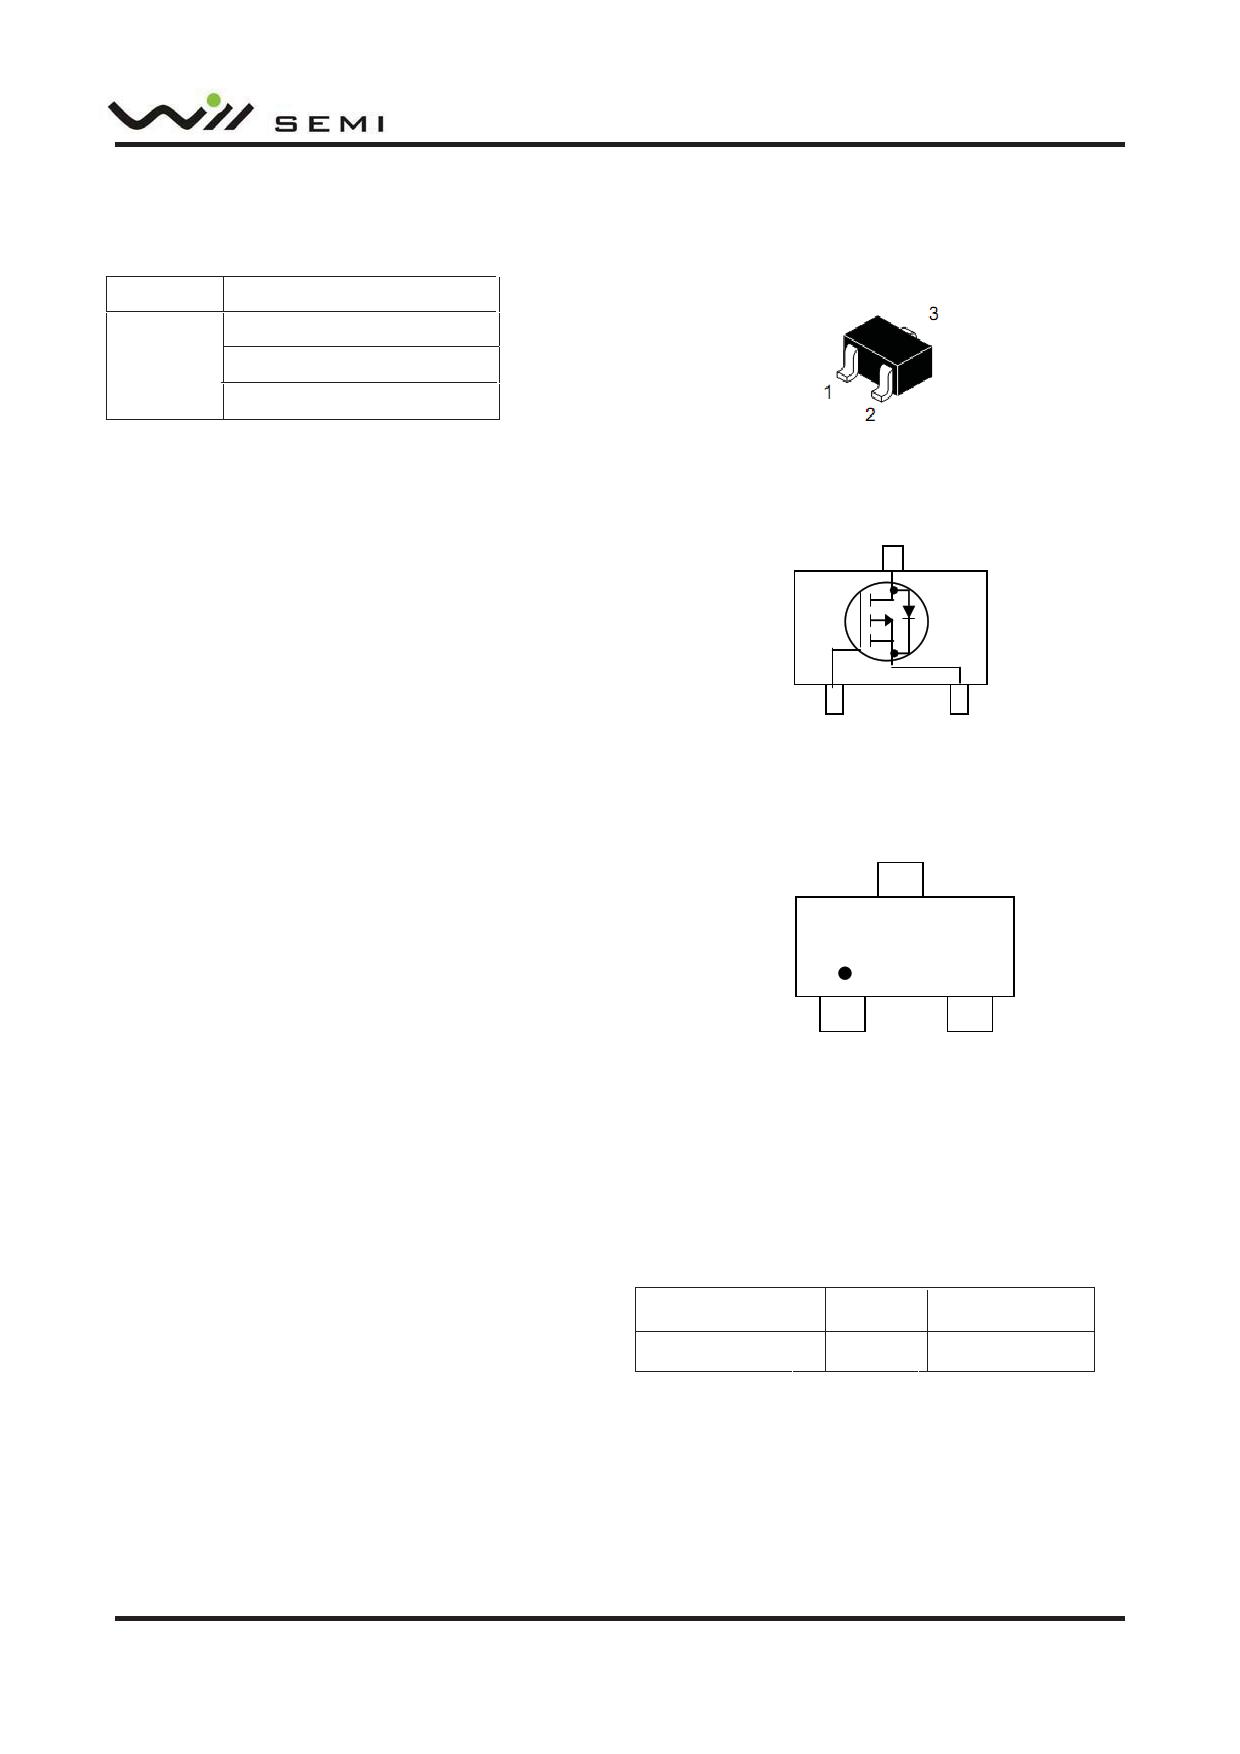 WPM2026 datasheet